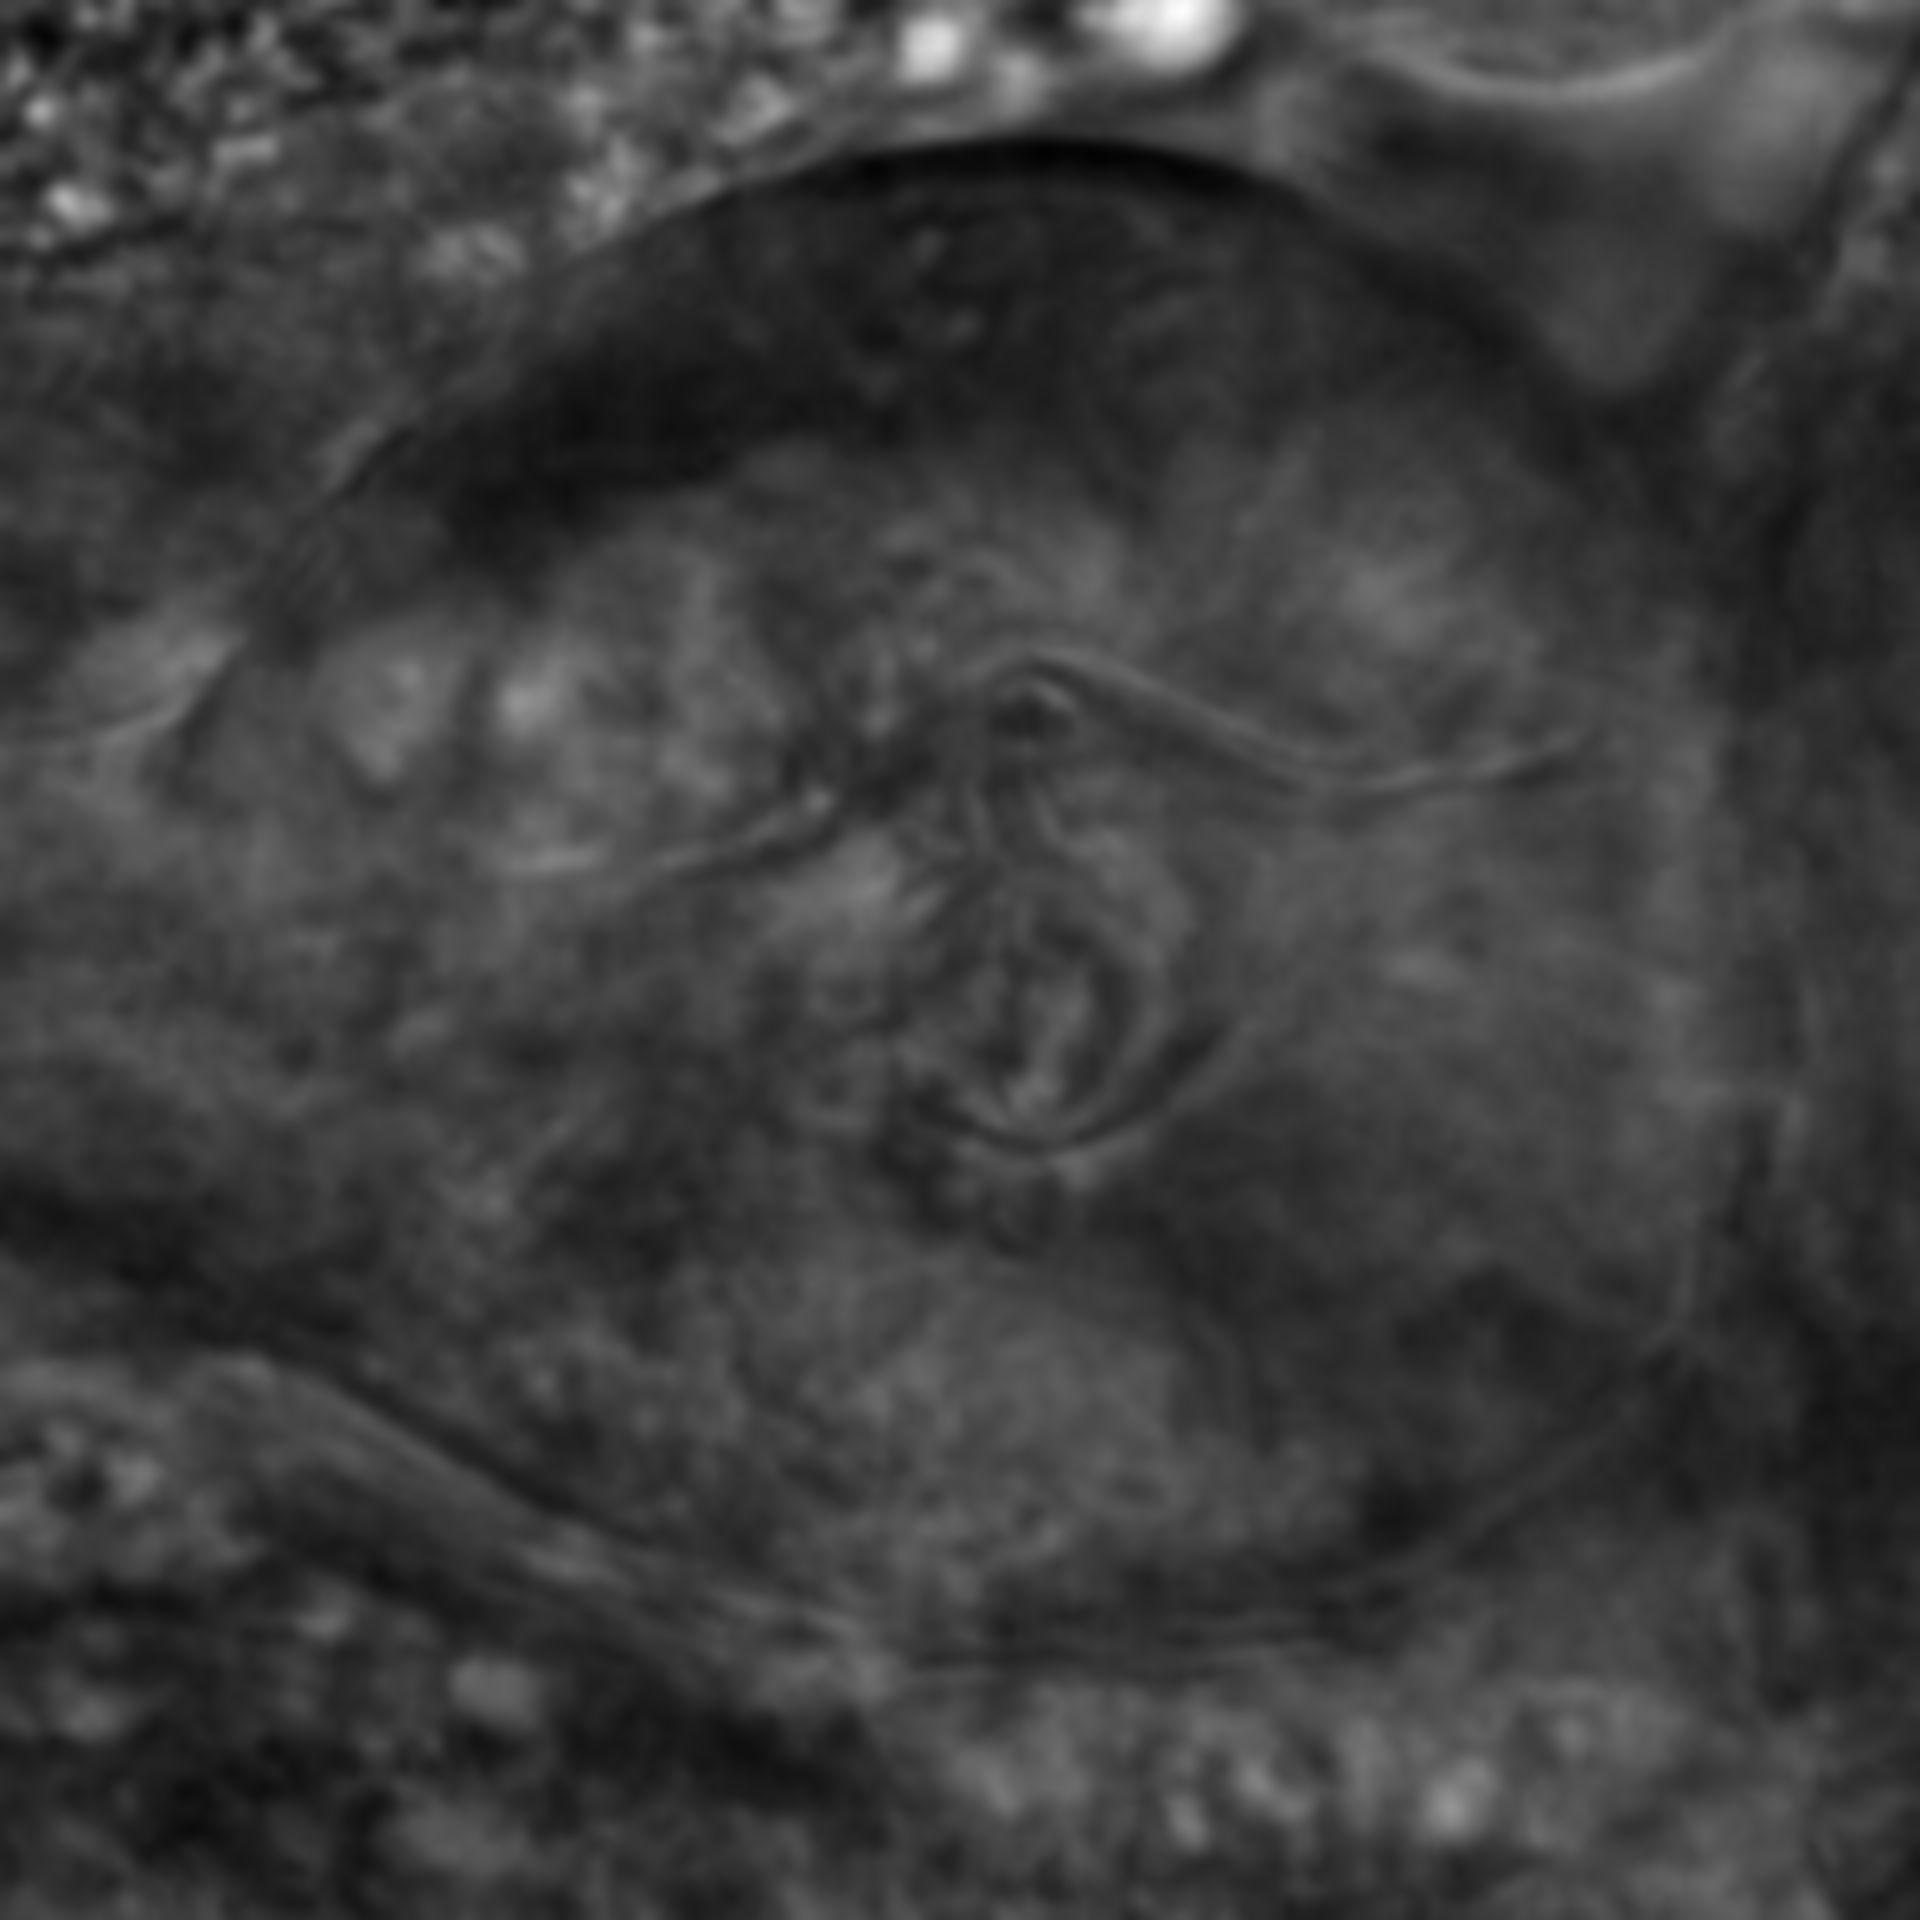 Caenorhabditis elegans - CIL:2829